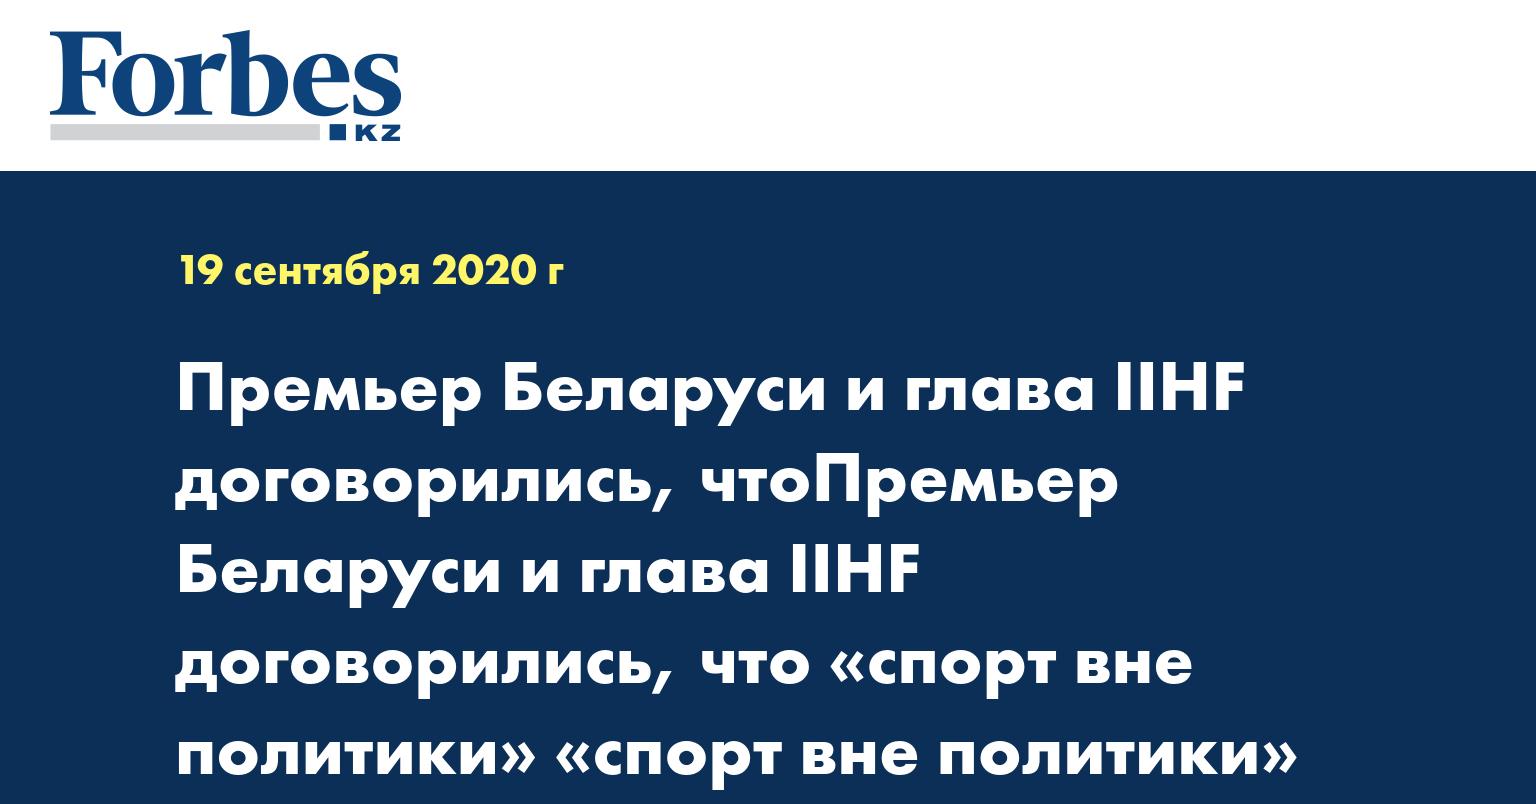 Премьер Беларуси и глава IIHF договорились, чтоПремьер Беларуси и глава IIHF договорились, что «спорт вне политики» «спорт вне политики»